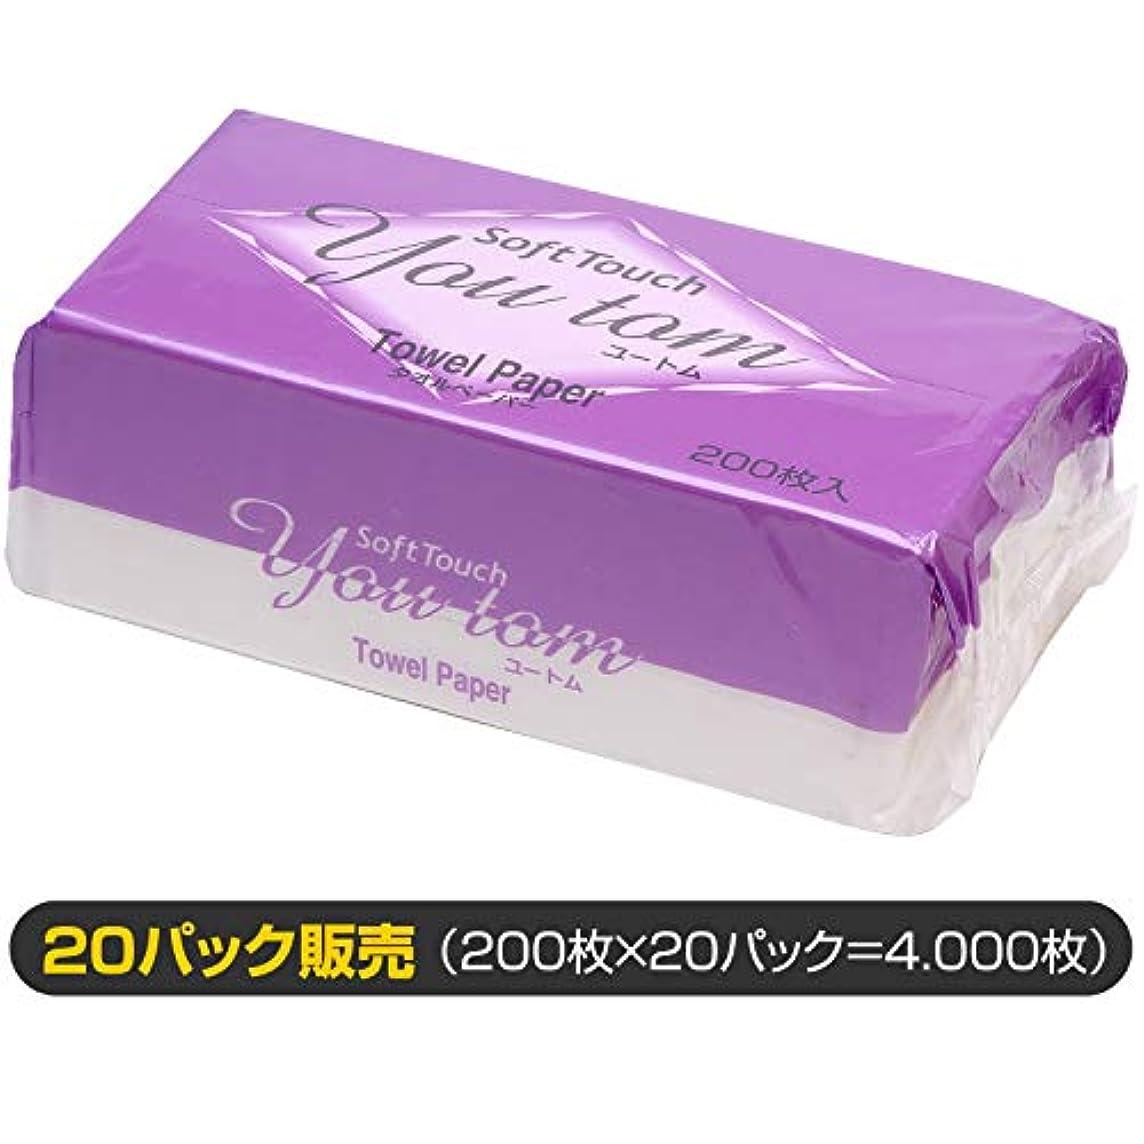 思慮深い粘性の想像力豊かなペーパータオル ユートム/20パック販売(清潔キレイ館/レギュラーサイズ用)